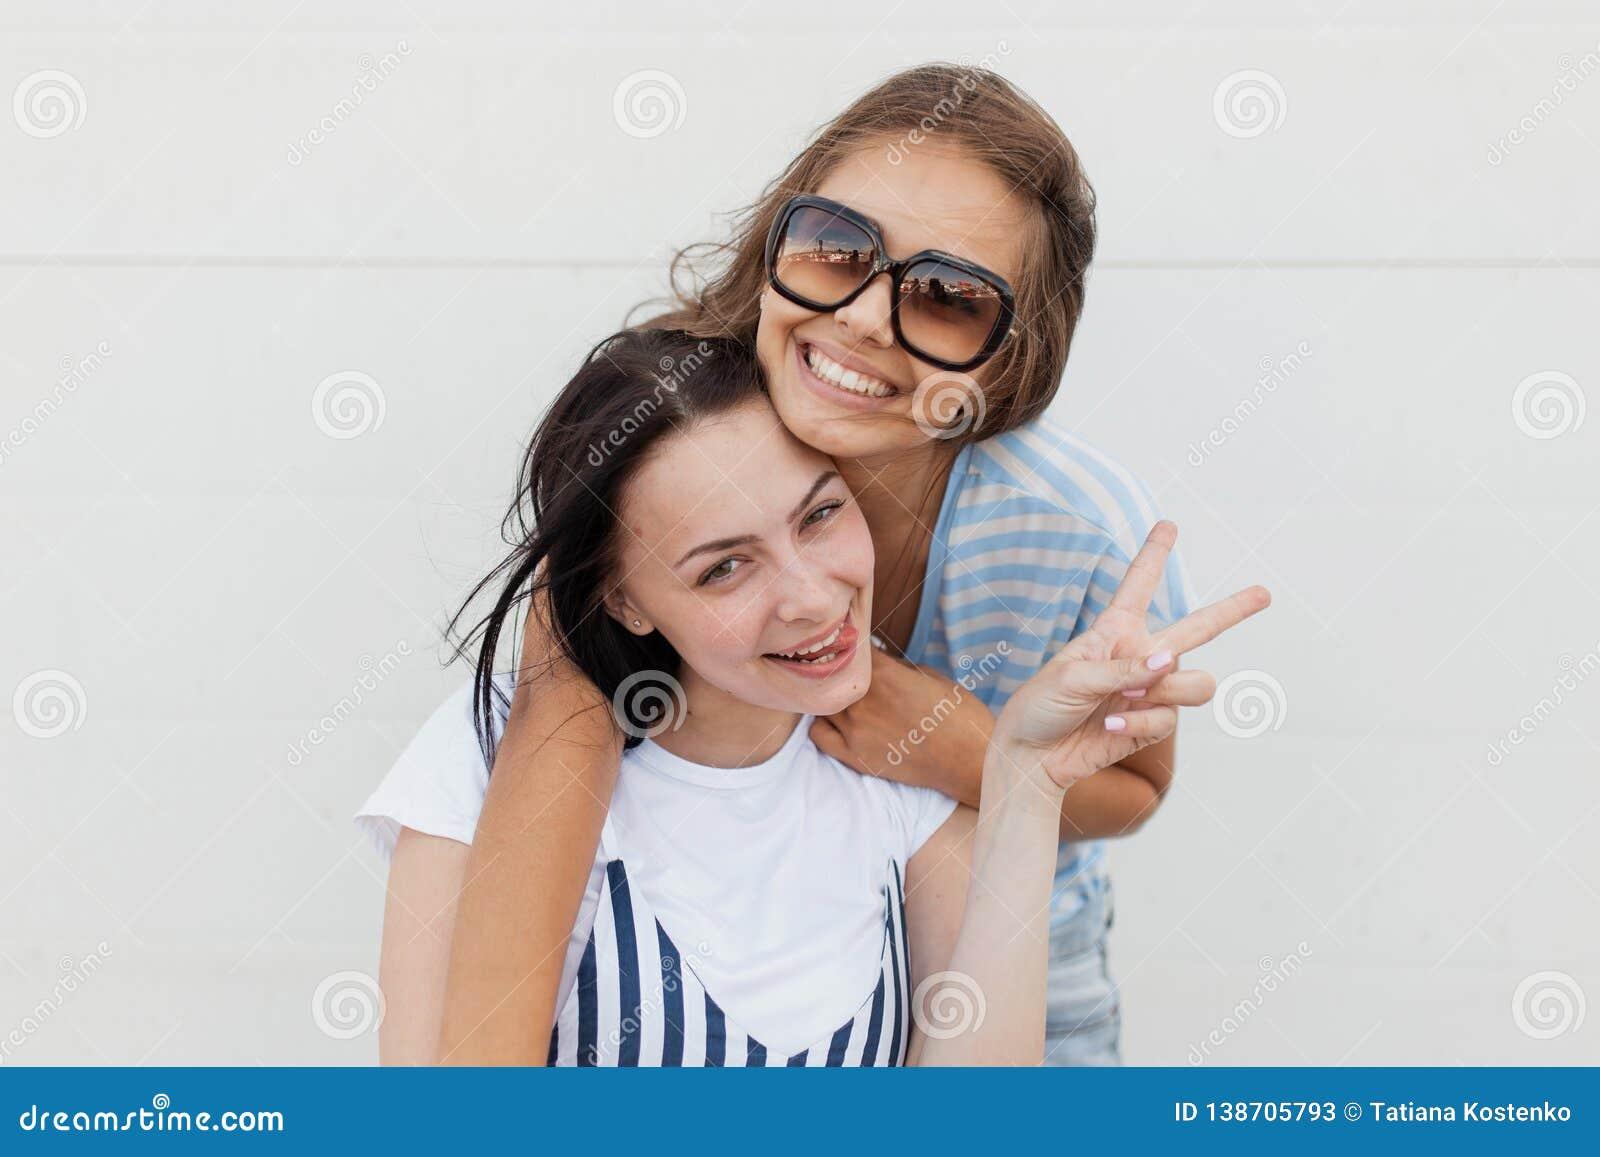 Twee jeugdige donker-haired meisjes, die toevallige uitrusting, mooie omhelzing dragen elkaar en bekijkend de camera